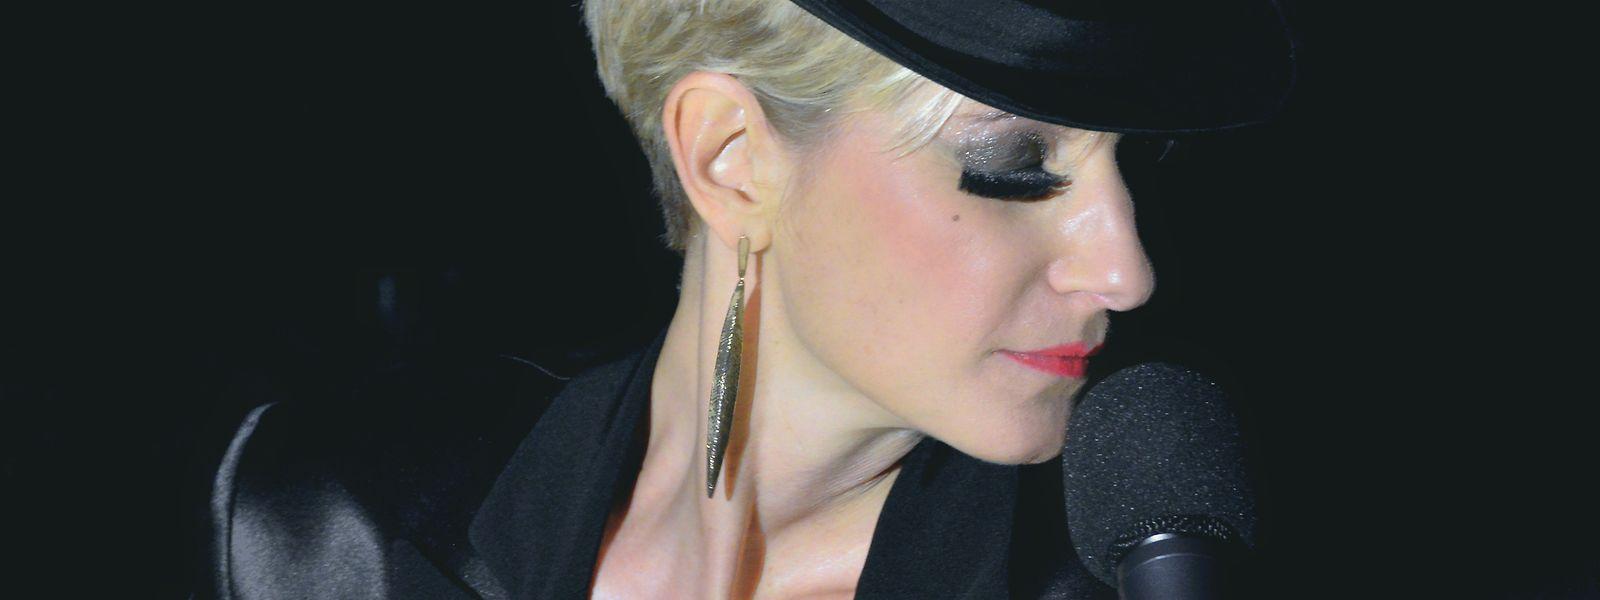 Adrienne Haan verbindet in ihren Shows amerikanischen Glamour und europäischen Intellekt.